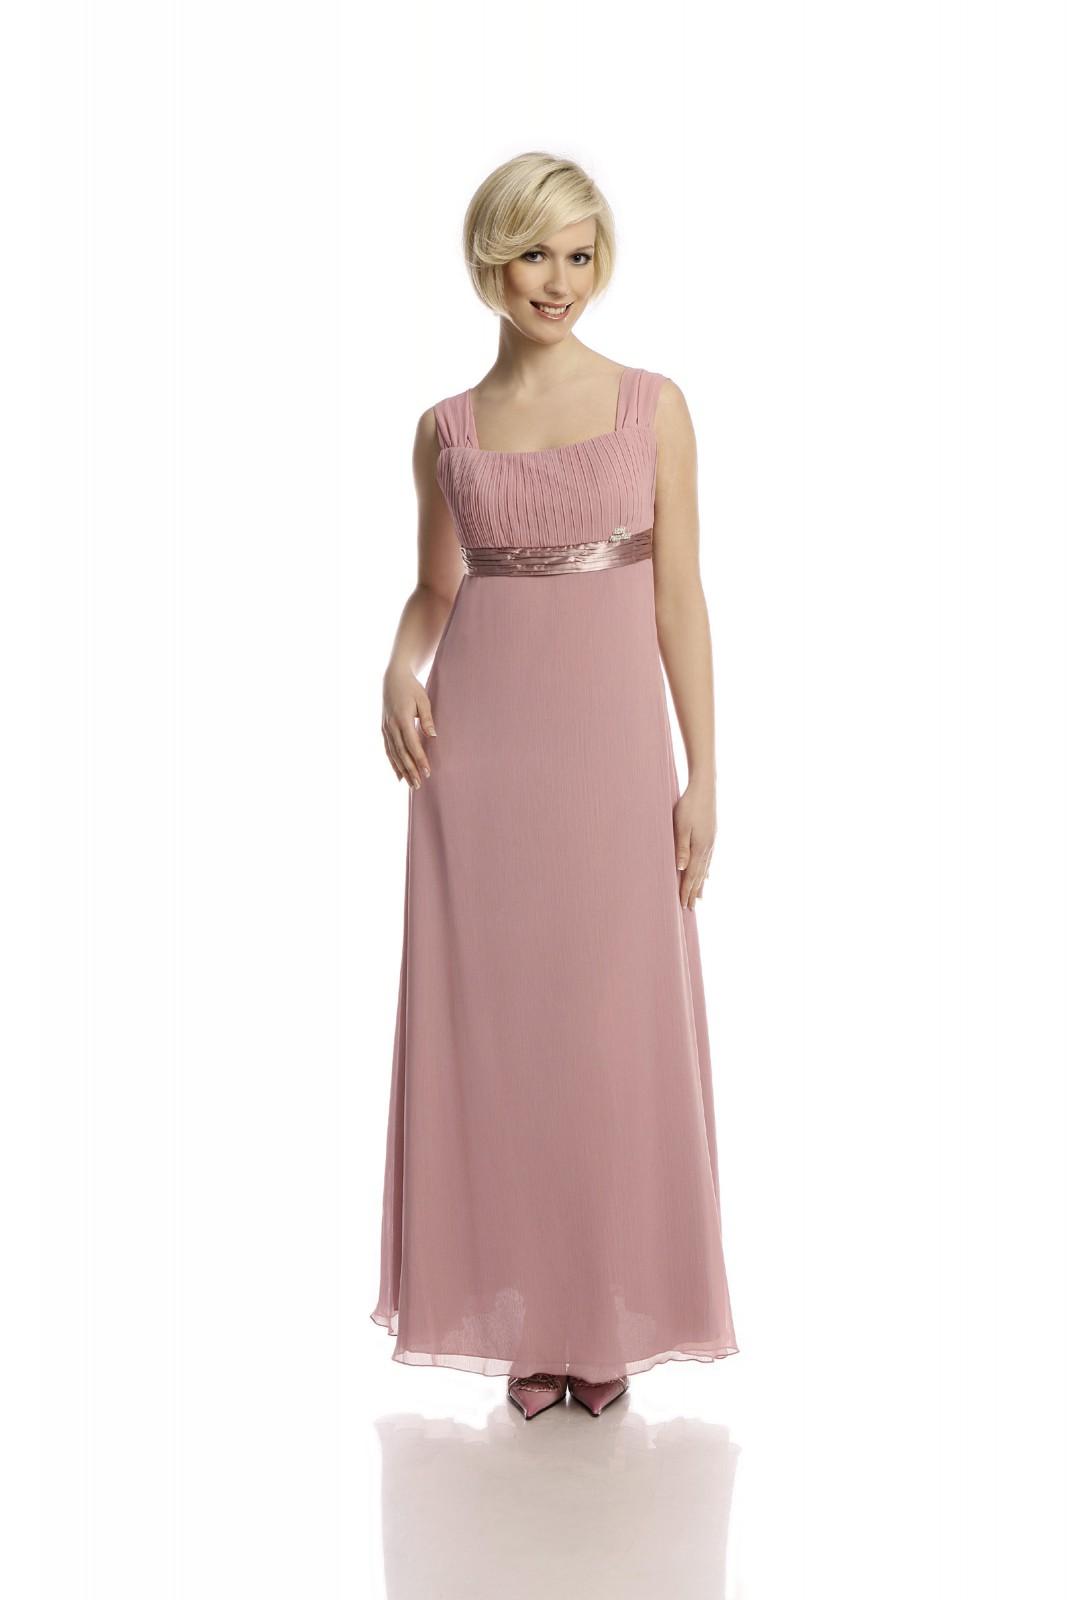 Langes Abendkleid im Retro Stil altrosa - anmutig & feminin - ...